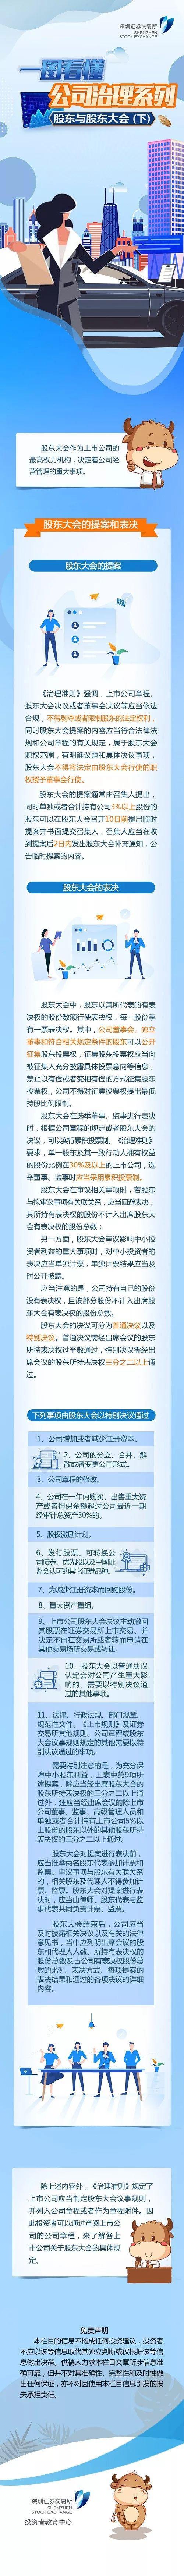 九三现金平台_《B2B 4.0》:透视中国产业互联网